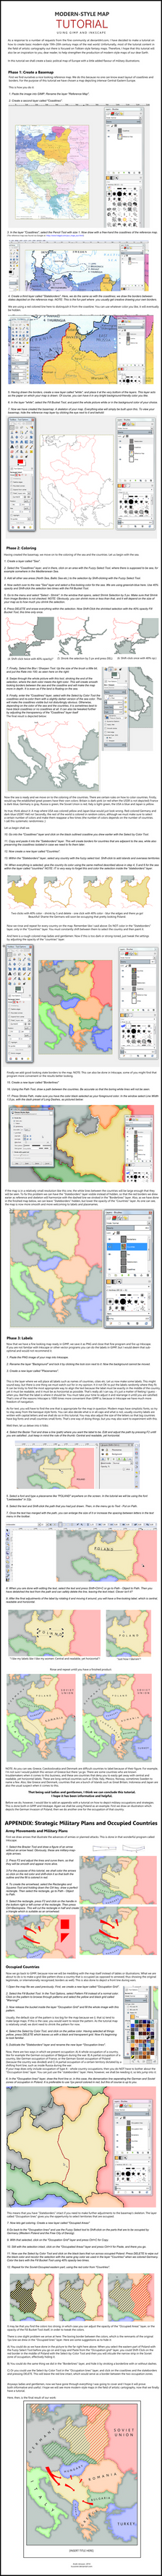 TUTORIAL on Modern-Style Maps by Kuusinen